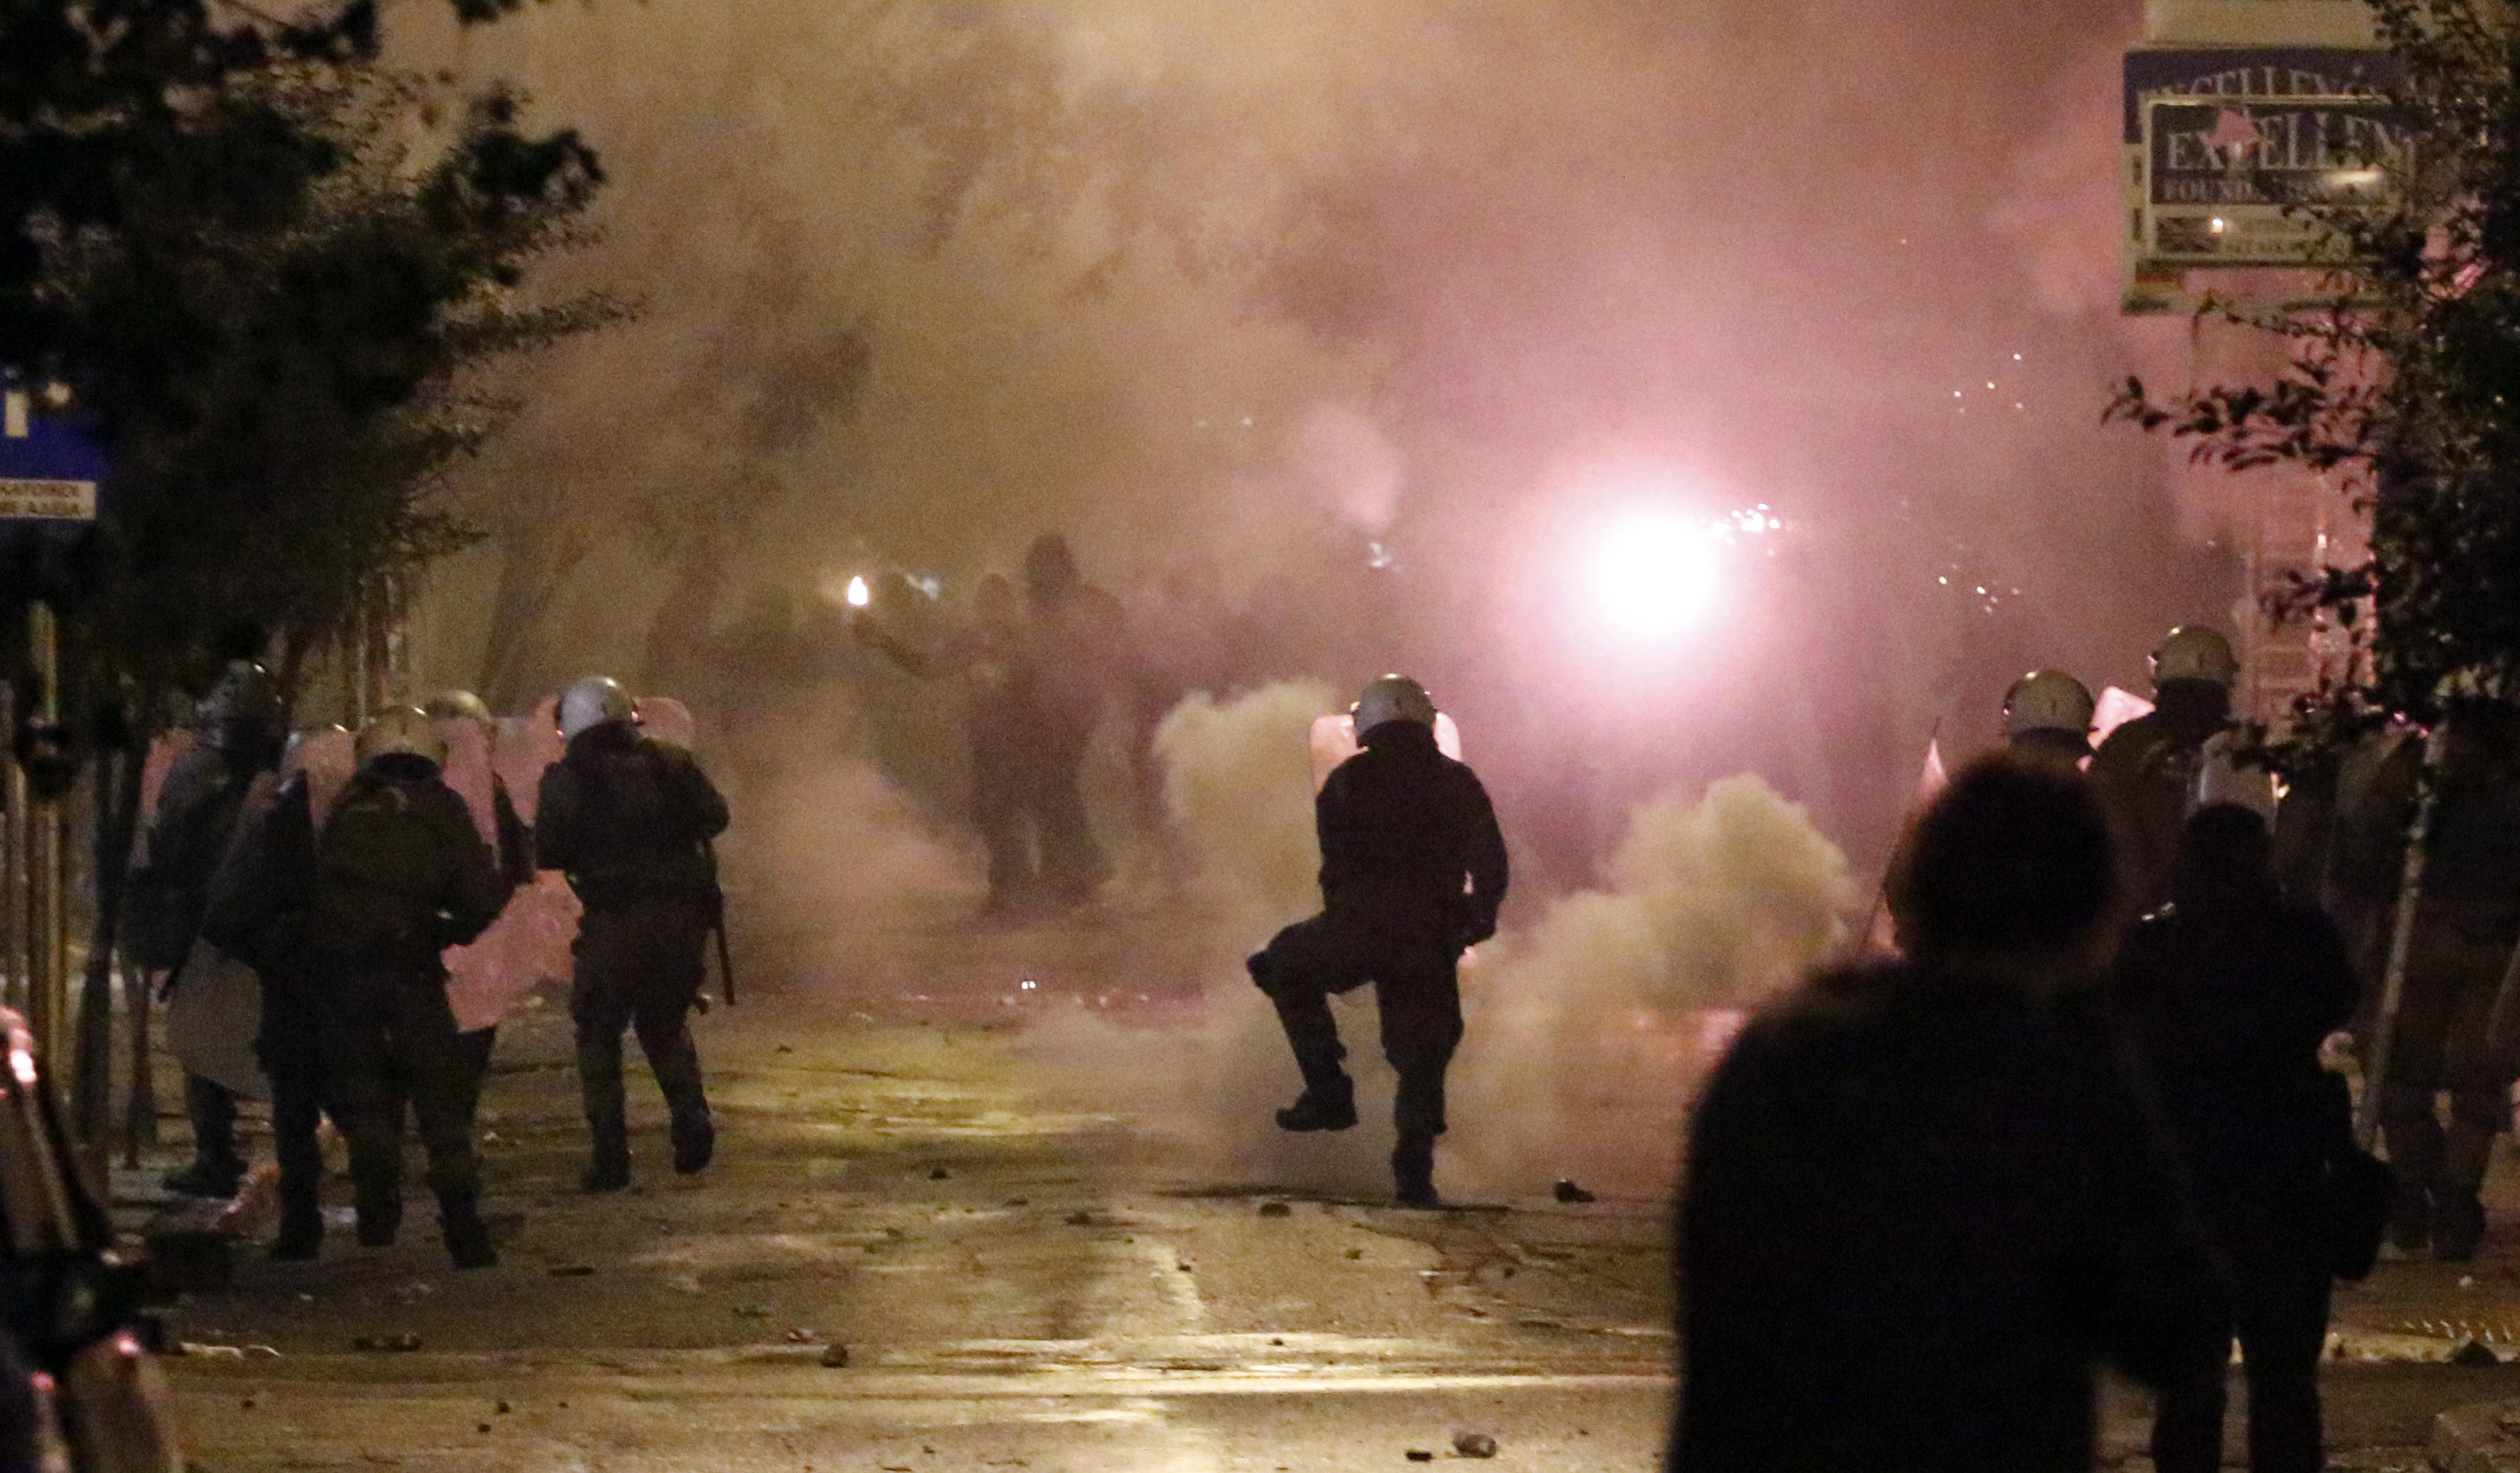 Επιθέσεις με μολότοφ στα ΜΑΤ τα ξημερώματα στο